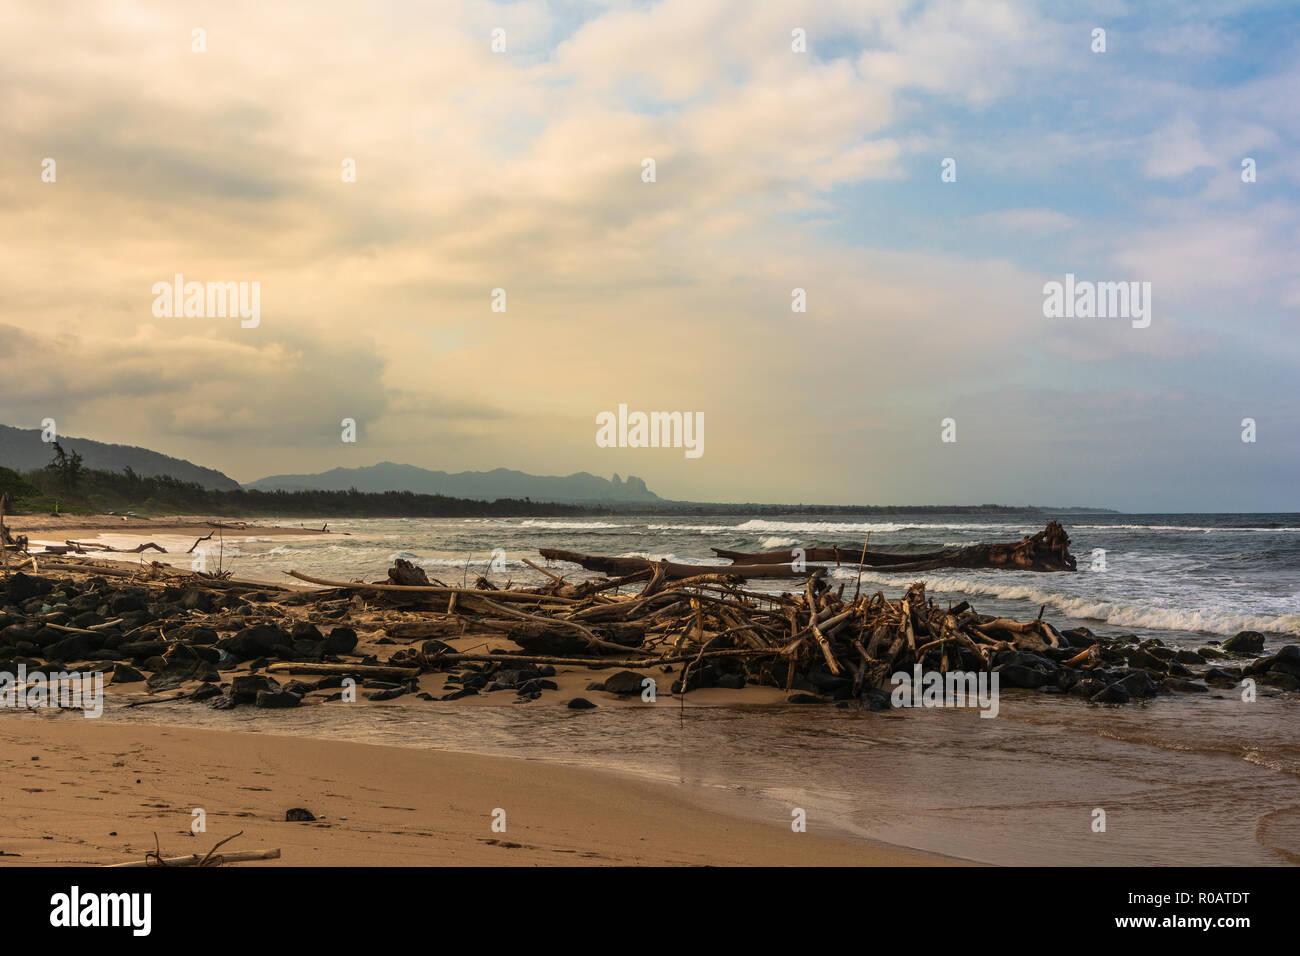 Los árboles muertos en la playa al amanecer junto Nukolii Beach Park, Kauai Hawaii Foto de stock